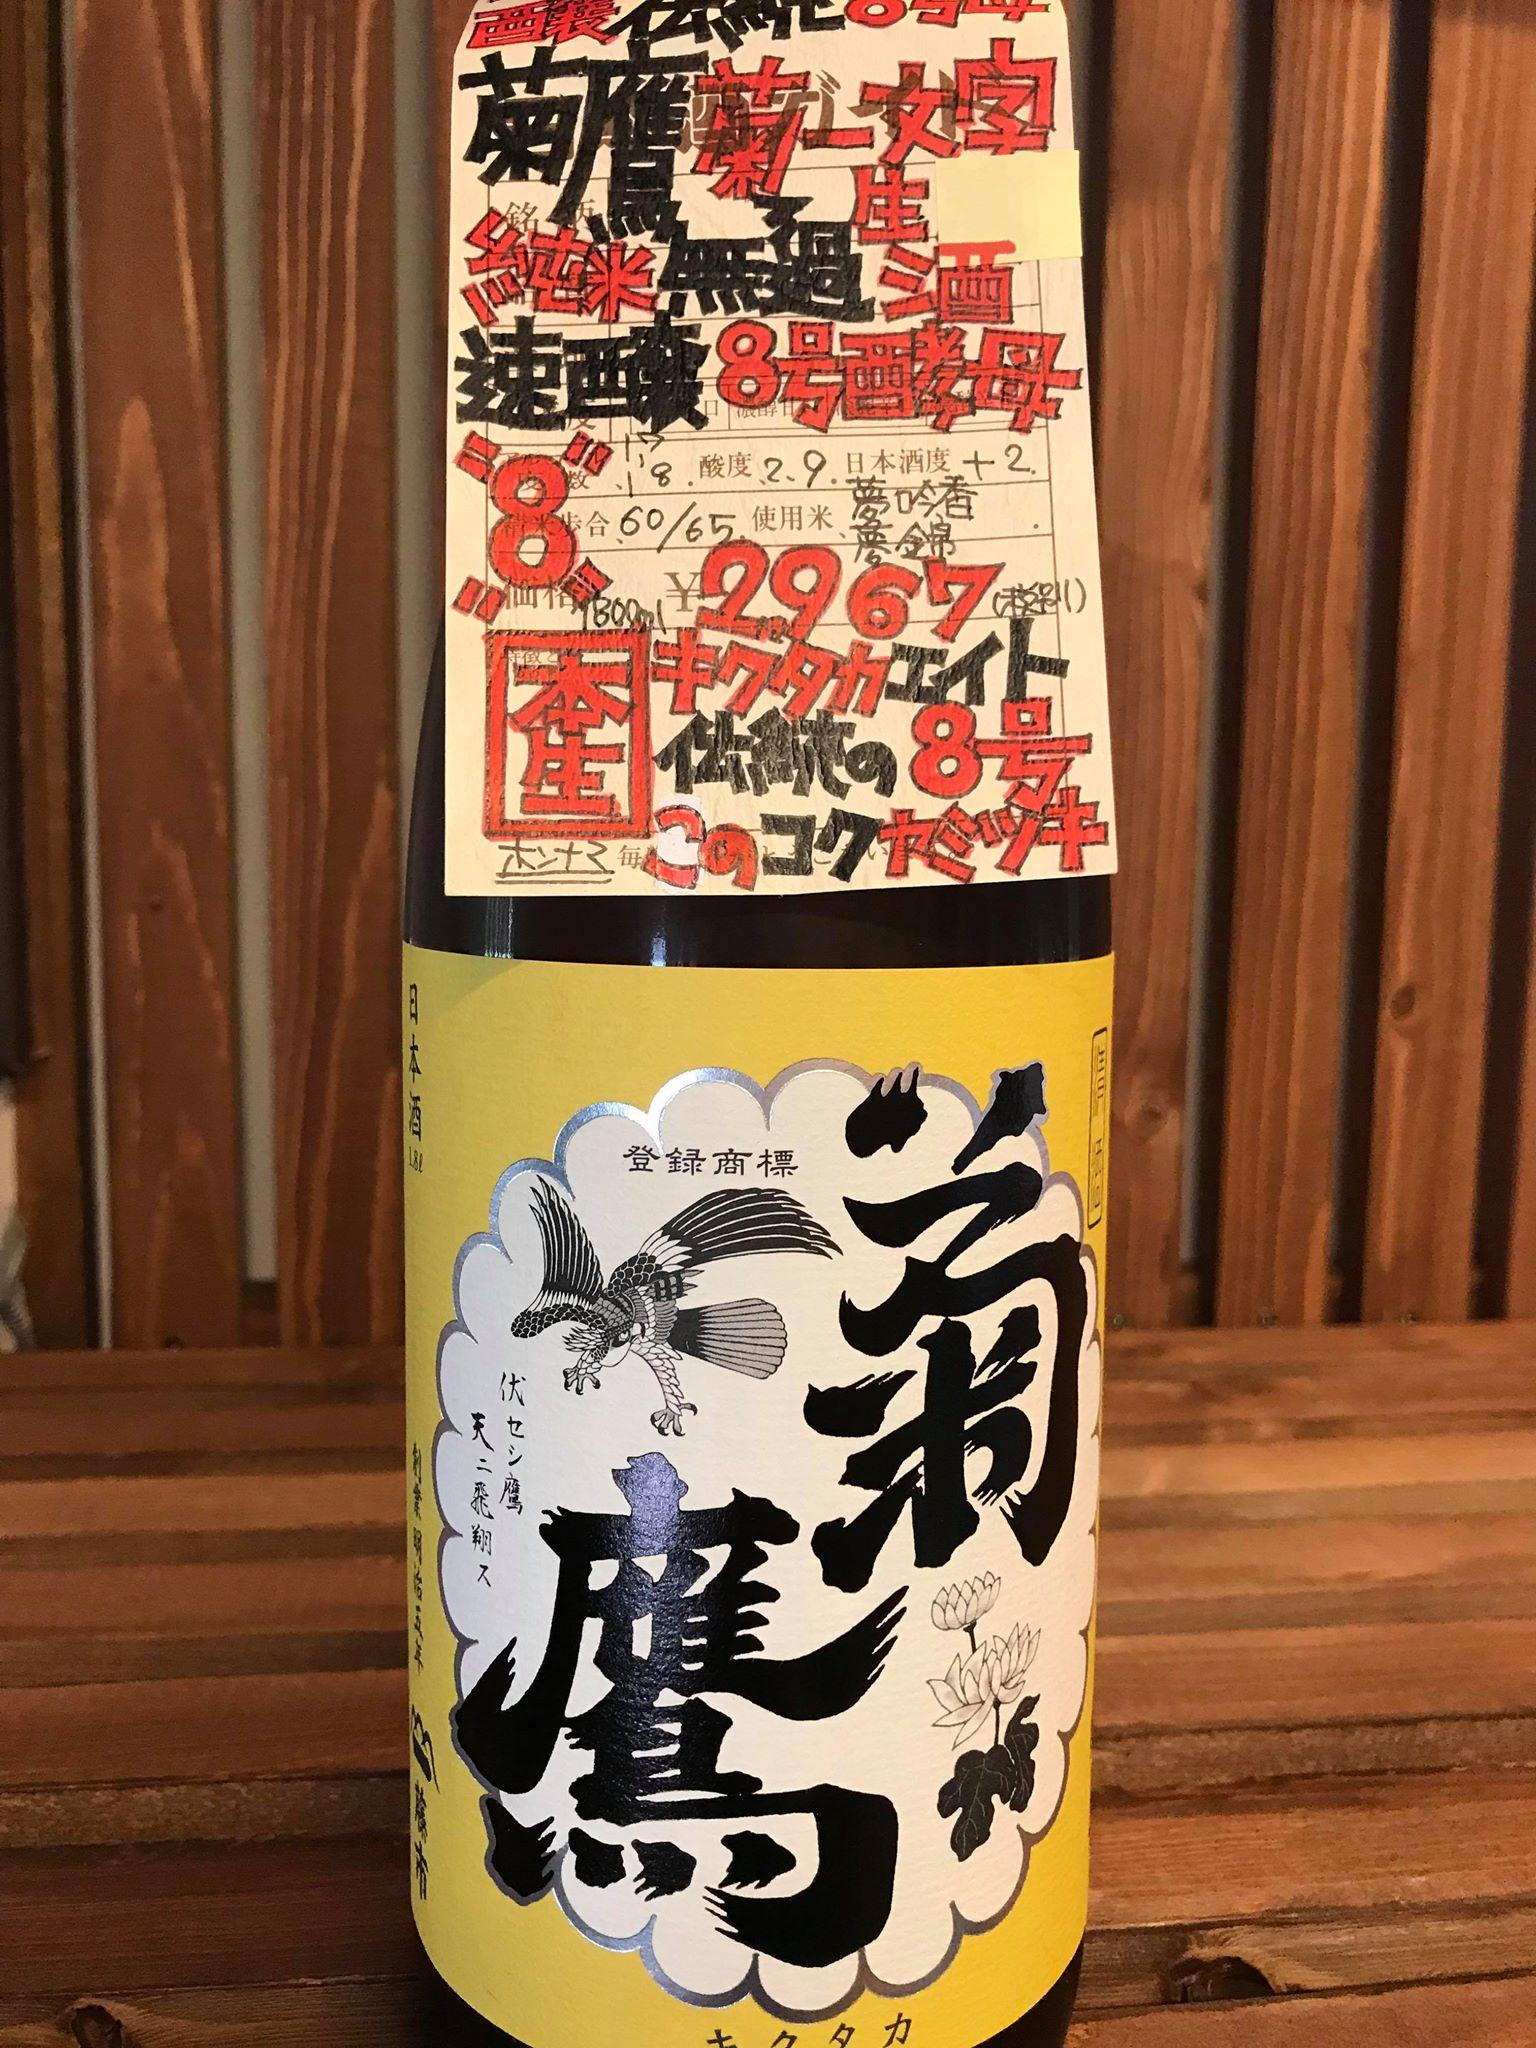 【日本酒】菊鷹 山廃 純米 雌伏 無濾過生酒 辛口+10 限定 29BY_e0173738_10161213.jpg